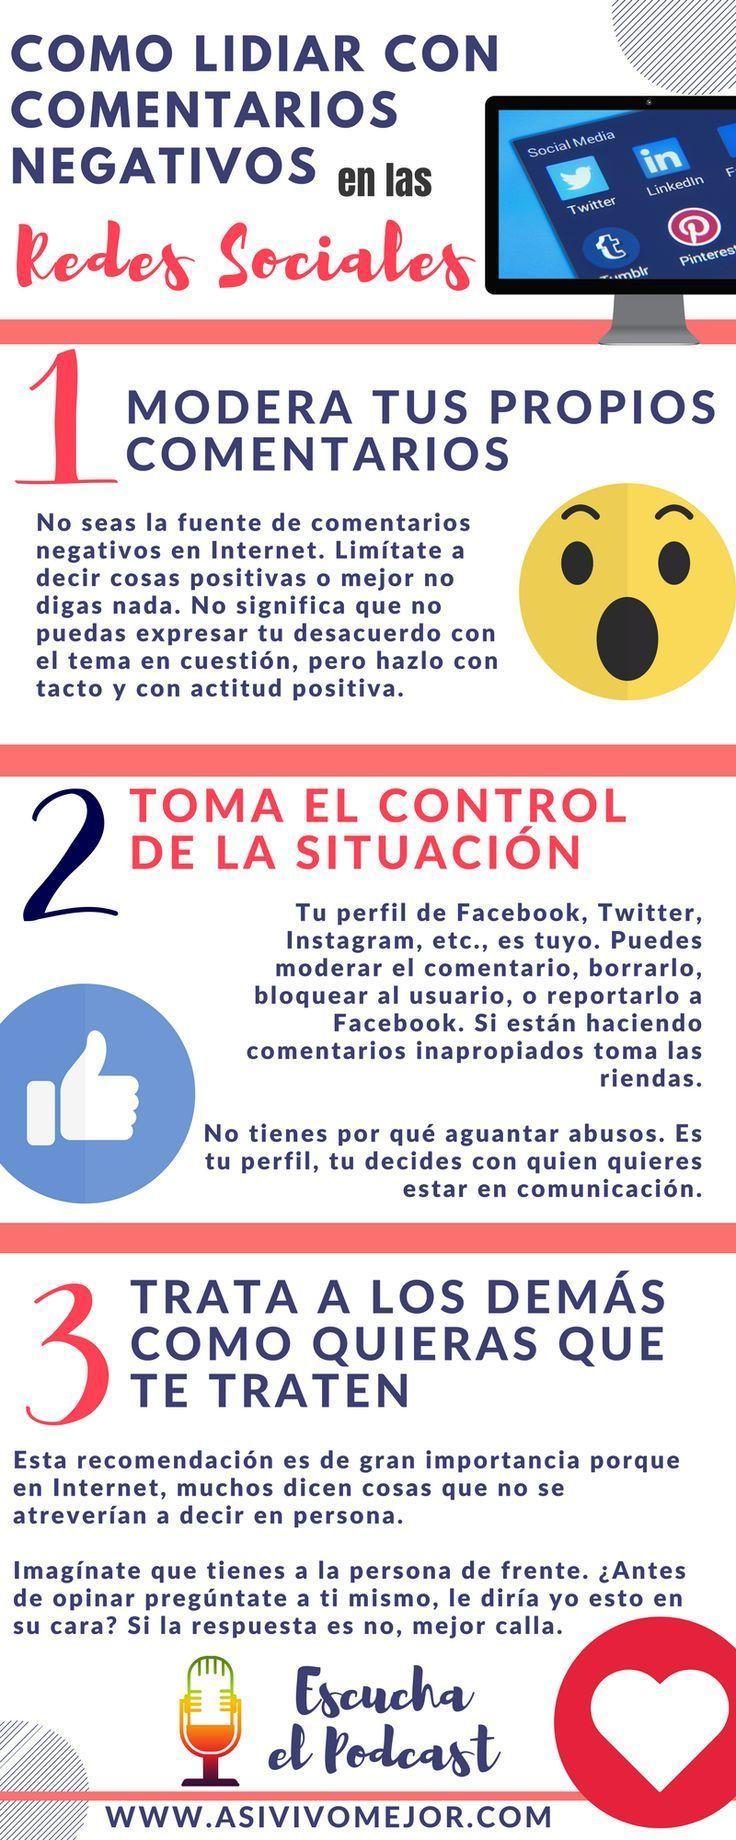 ¿Cómo lidiar con comentarios negativos en redes sociales